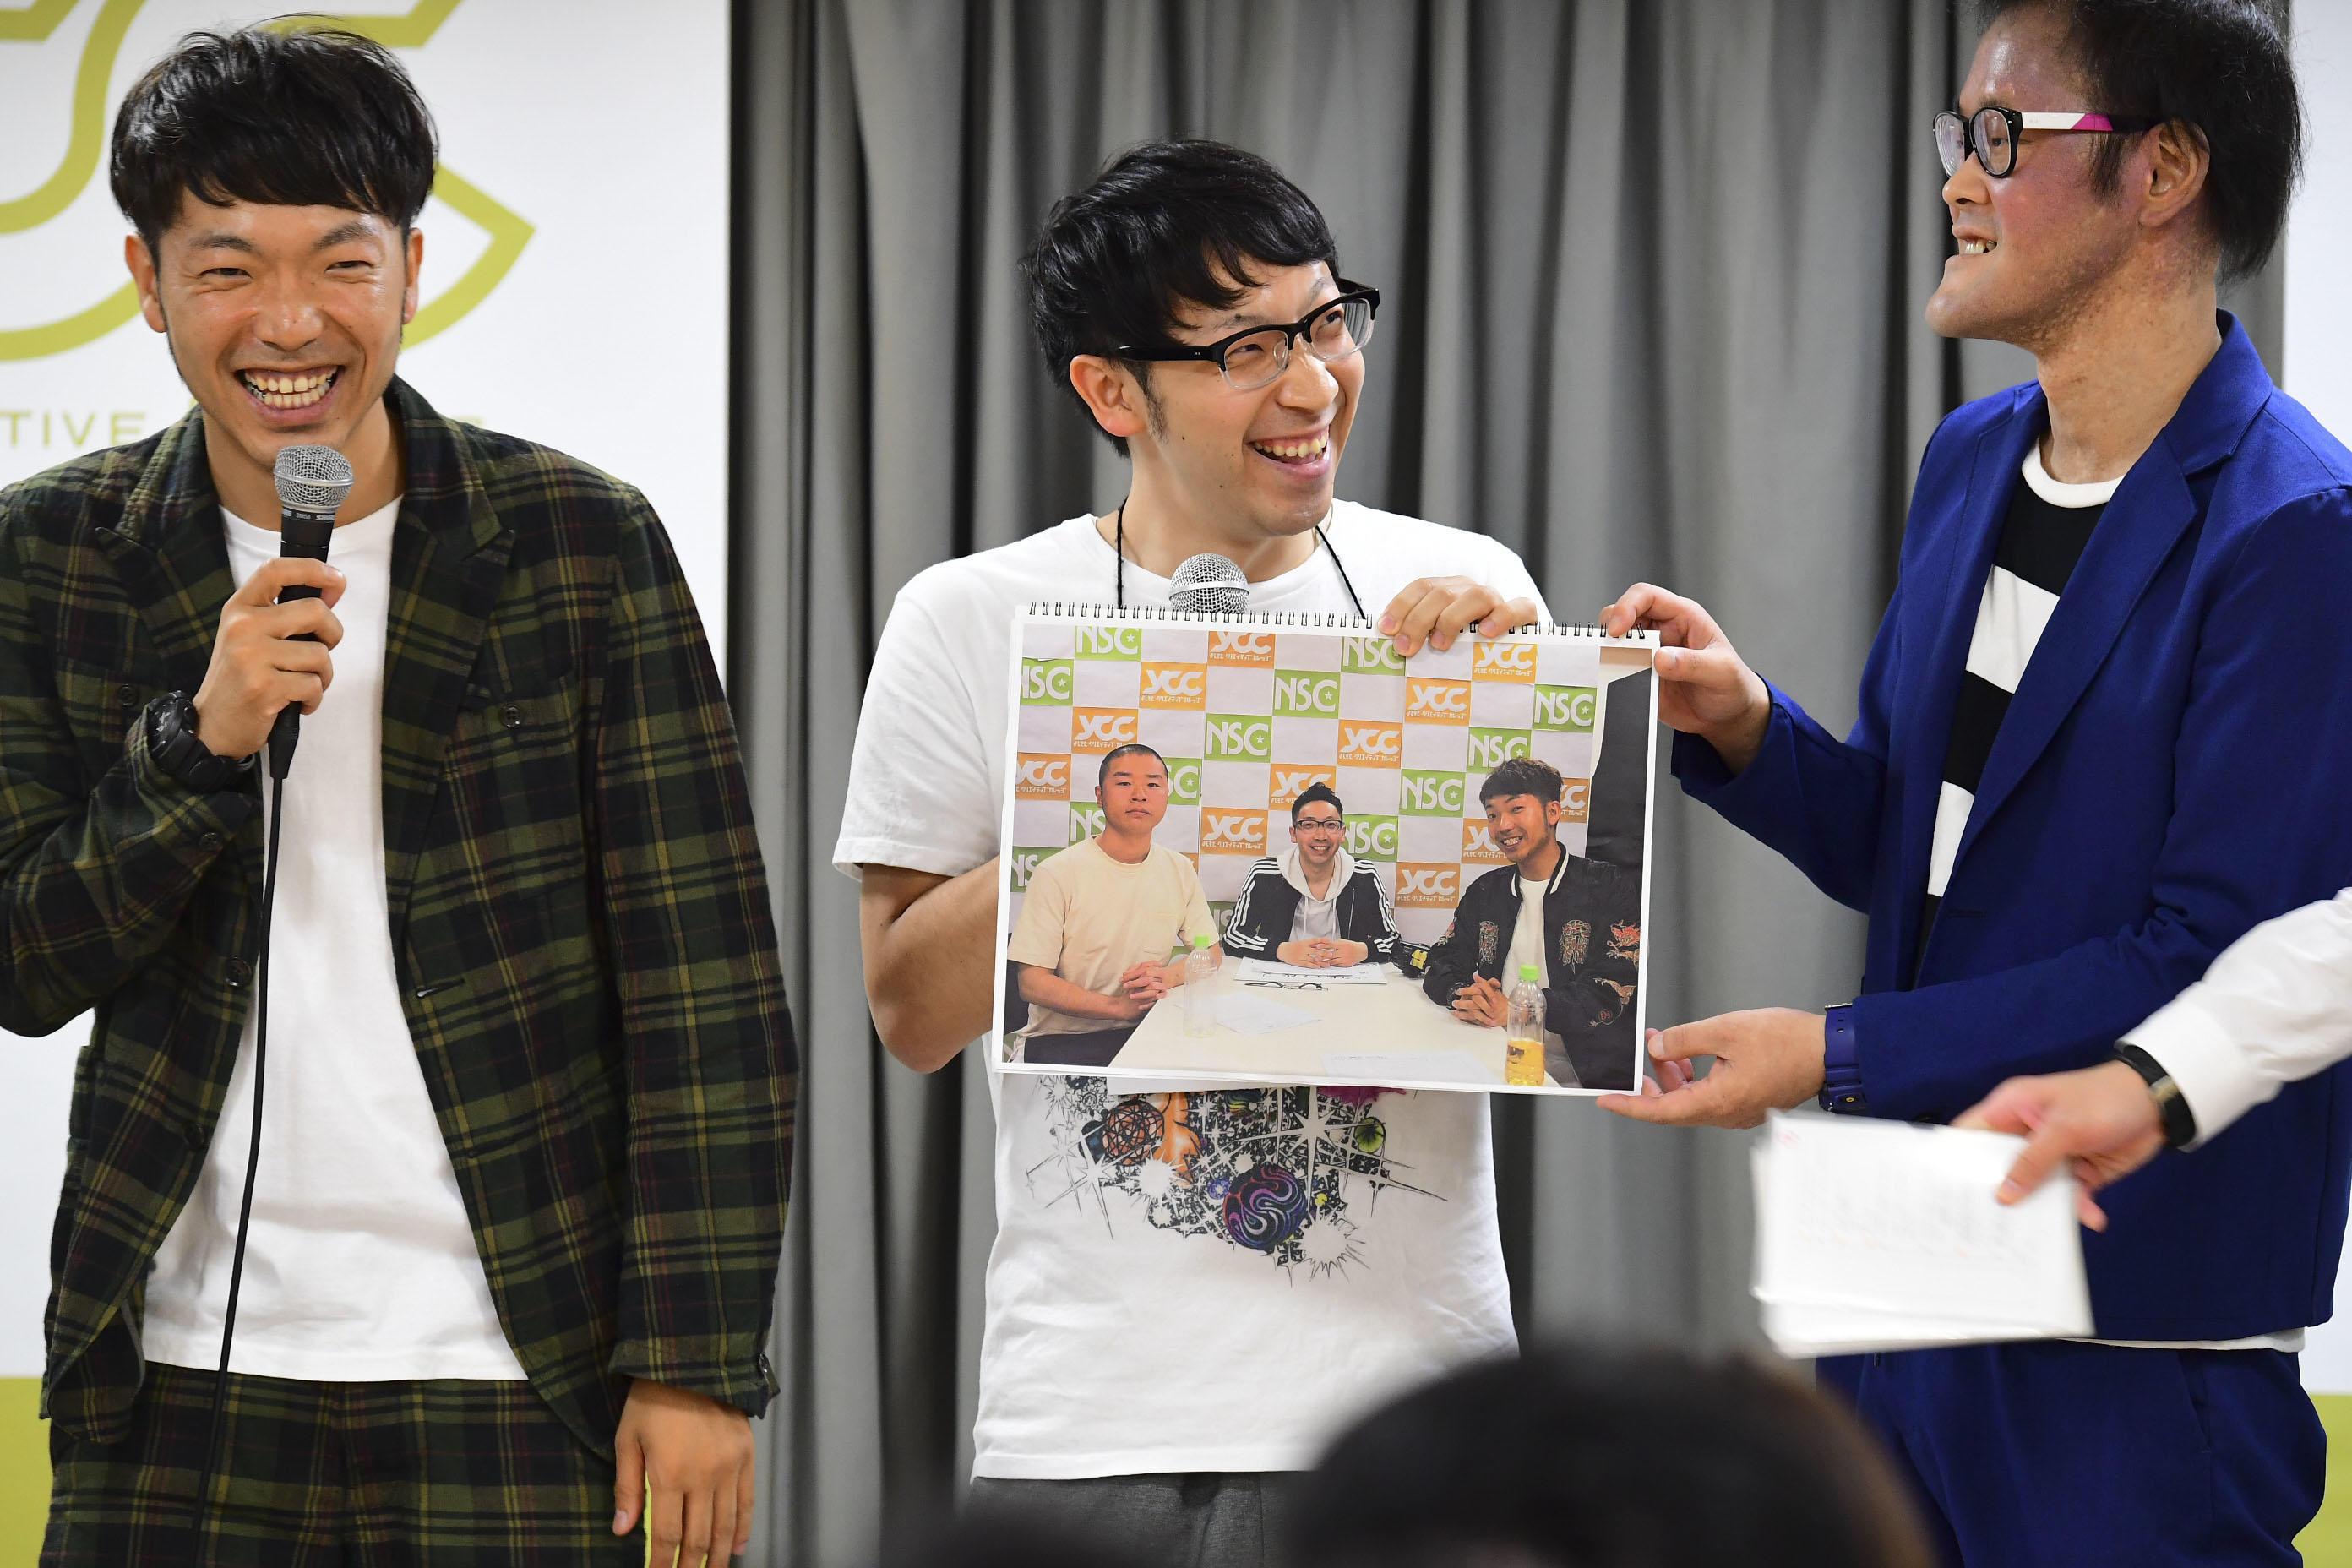 http://news.yoshimoto.co.jp/20170830144805-0ce78d14f2361f457667489b7ad405e29b49abdd.jpg